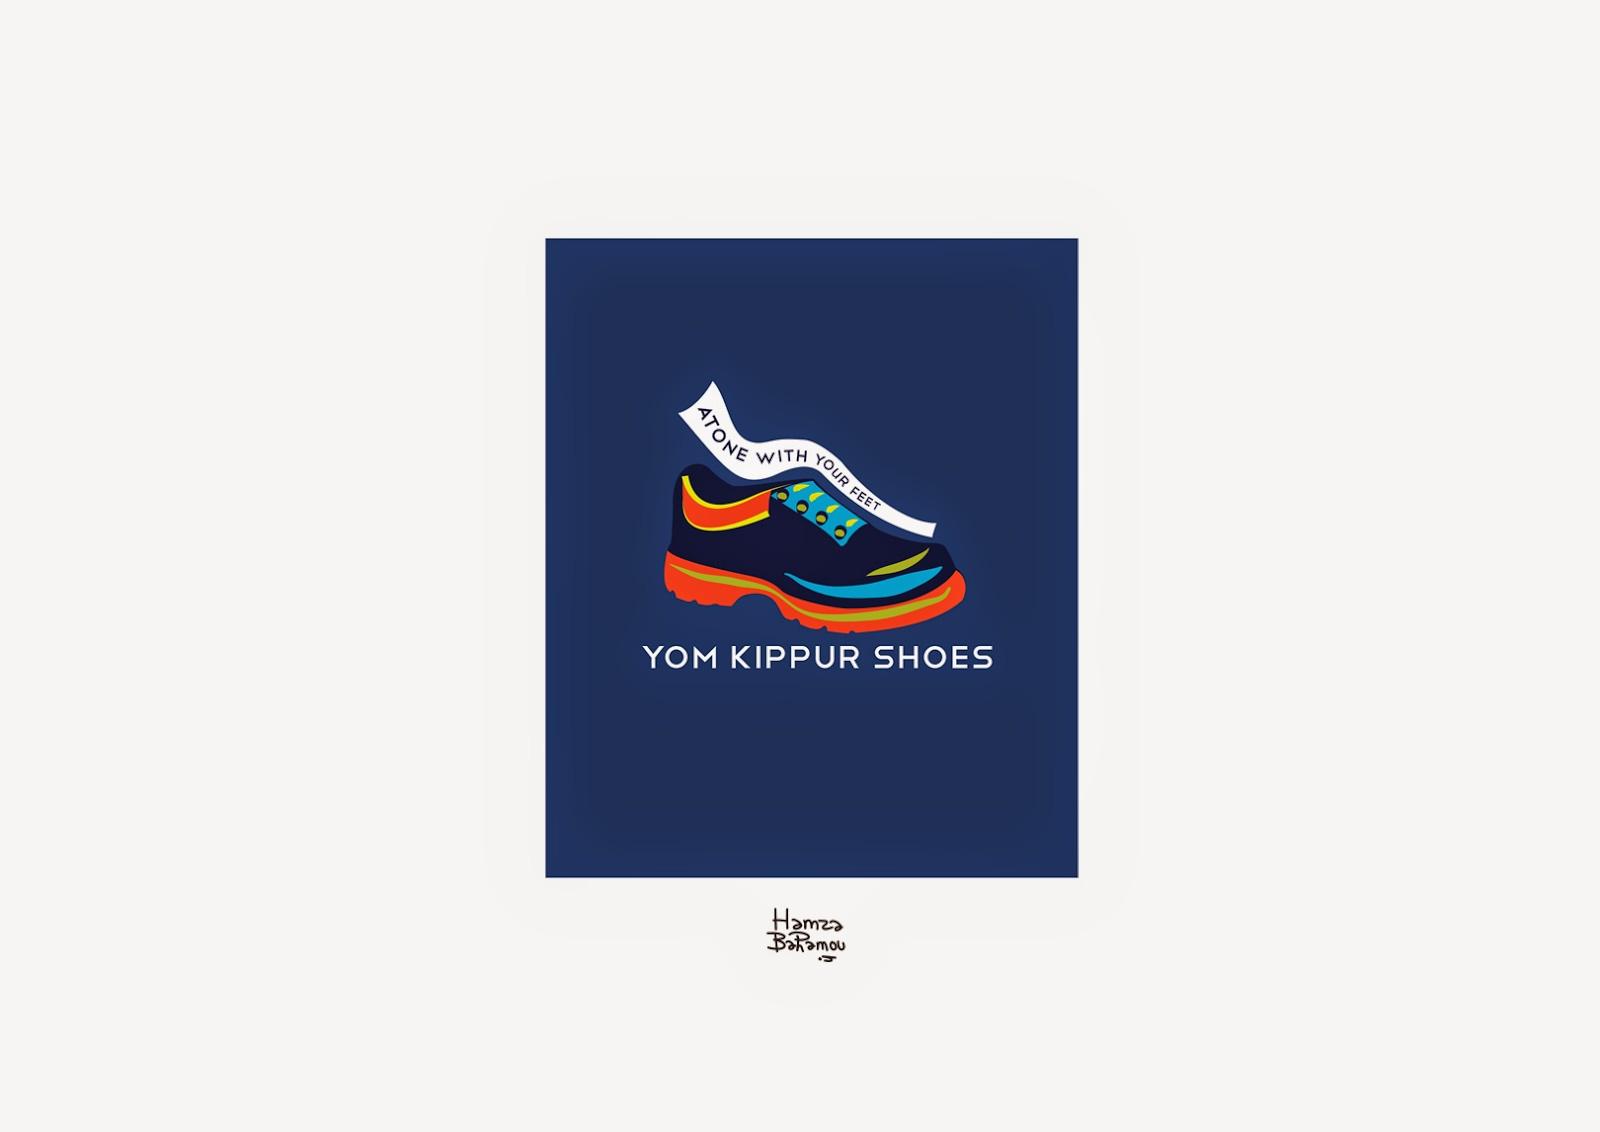 yom kippur shoes logo